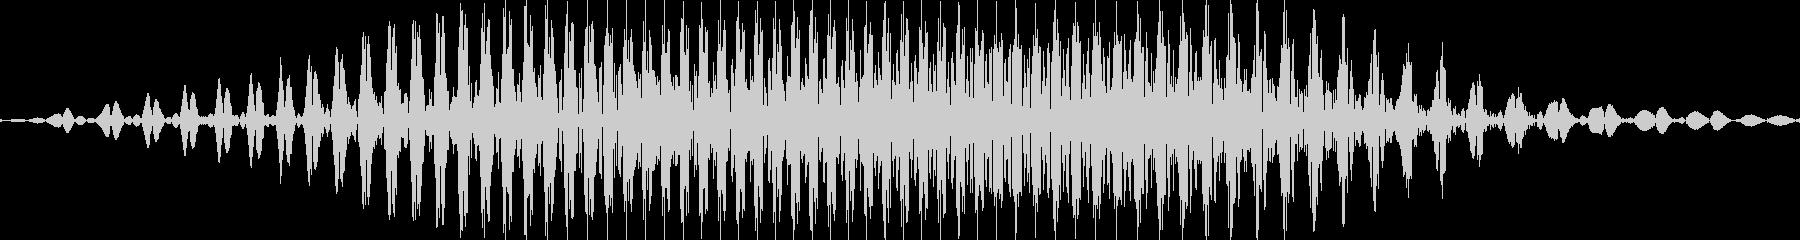 2(に)の未再生の波形